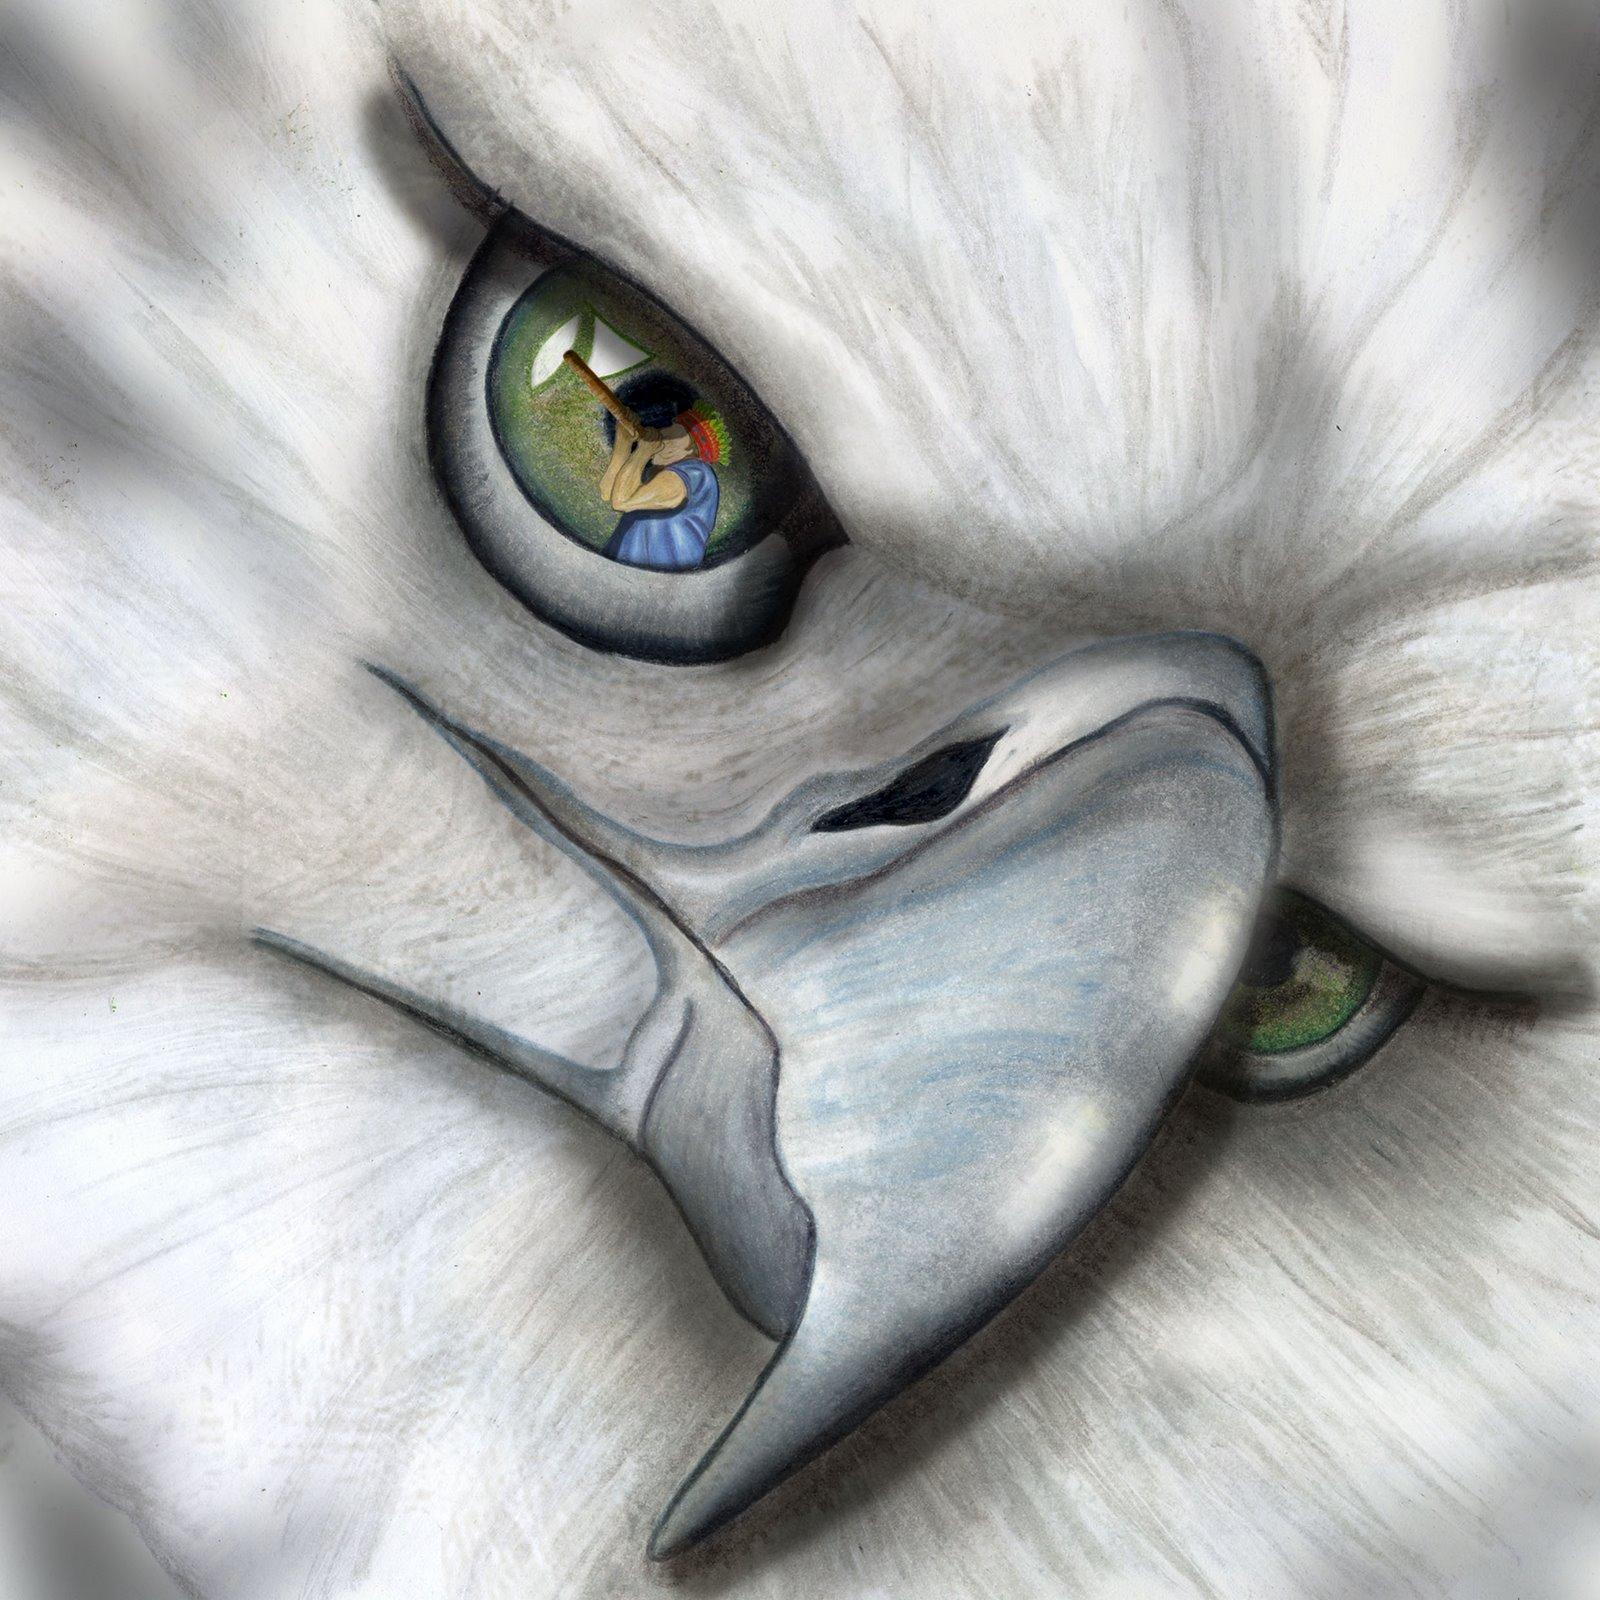 arpia 2 f zool aguila poderosa de plumaje blanco y plomizo ...